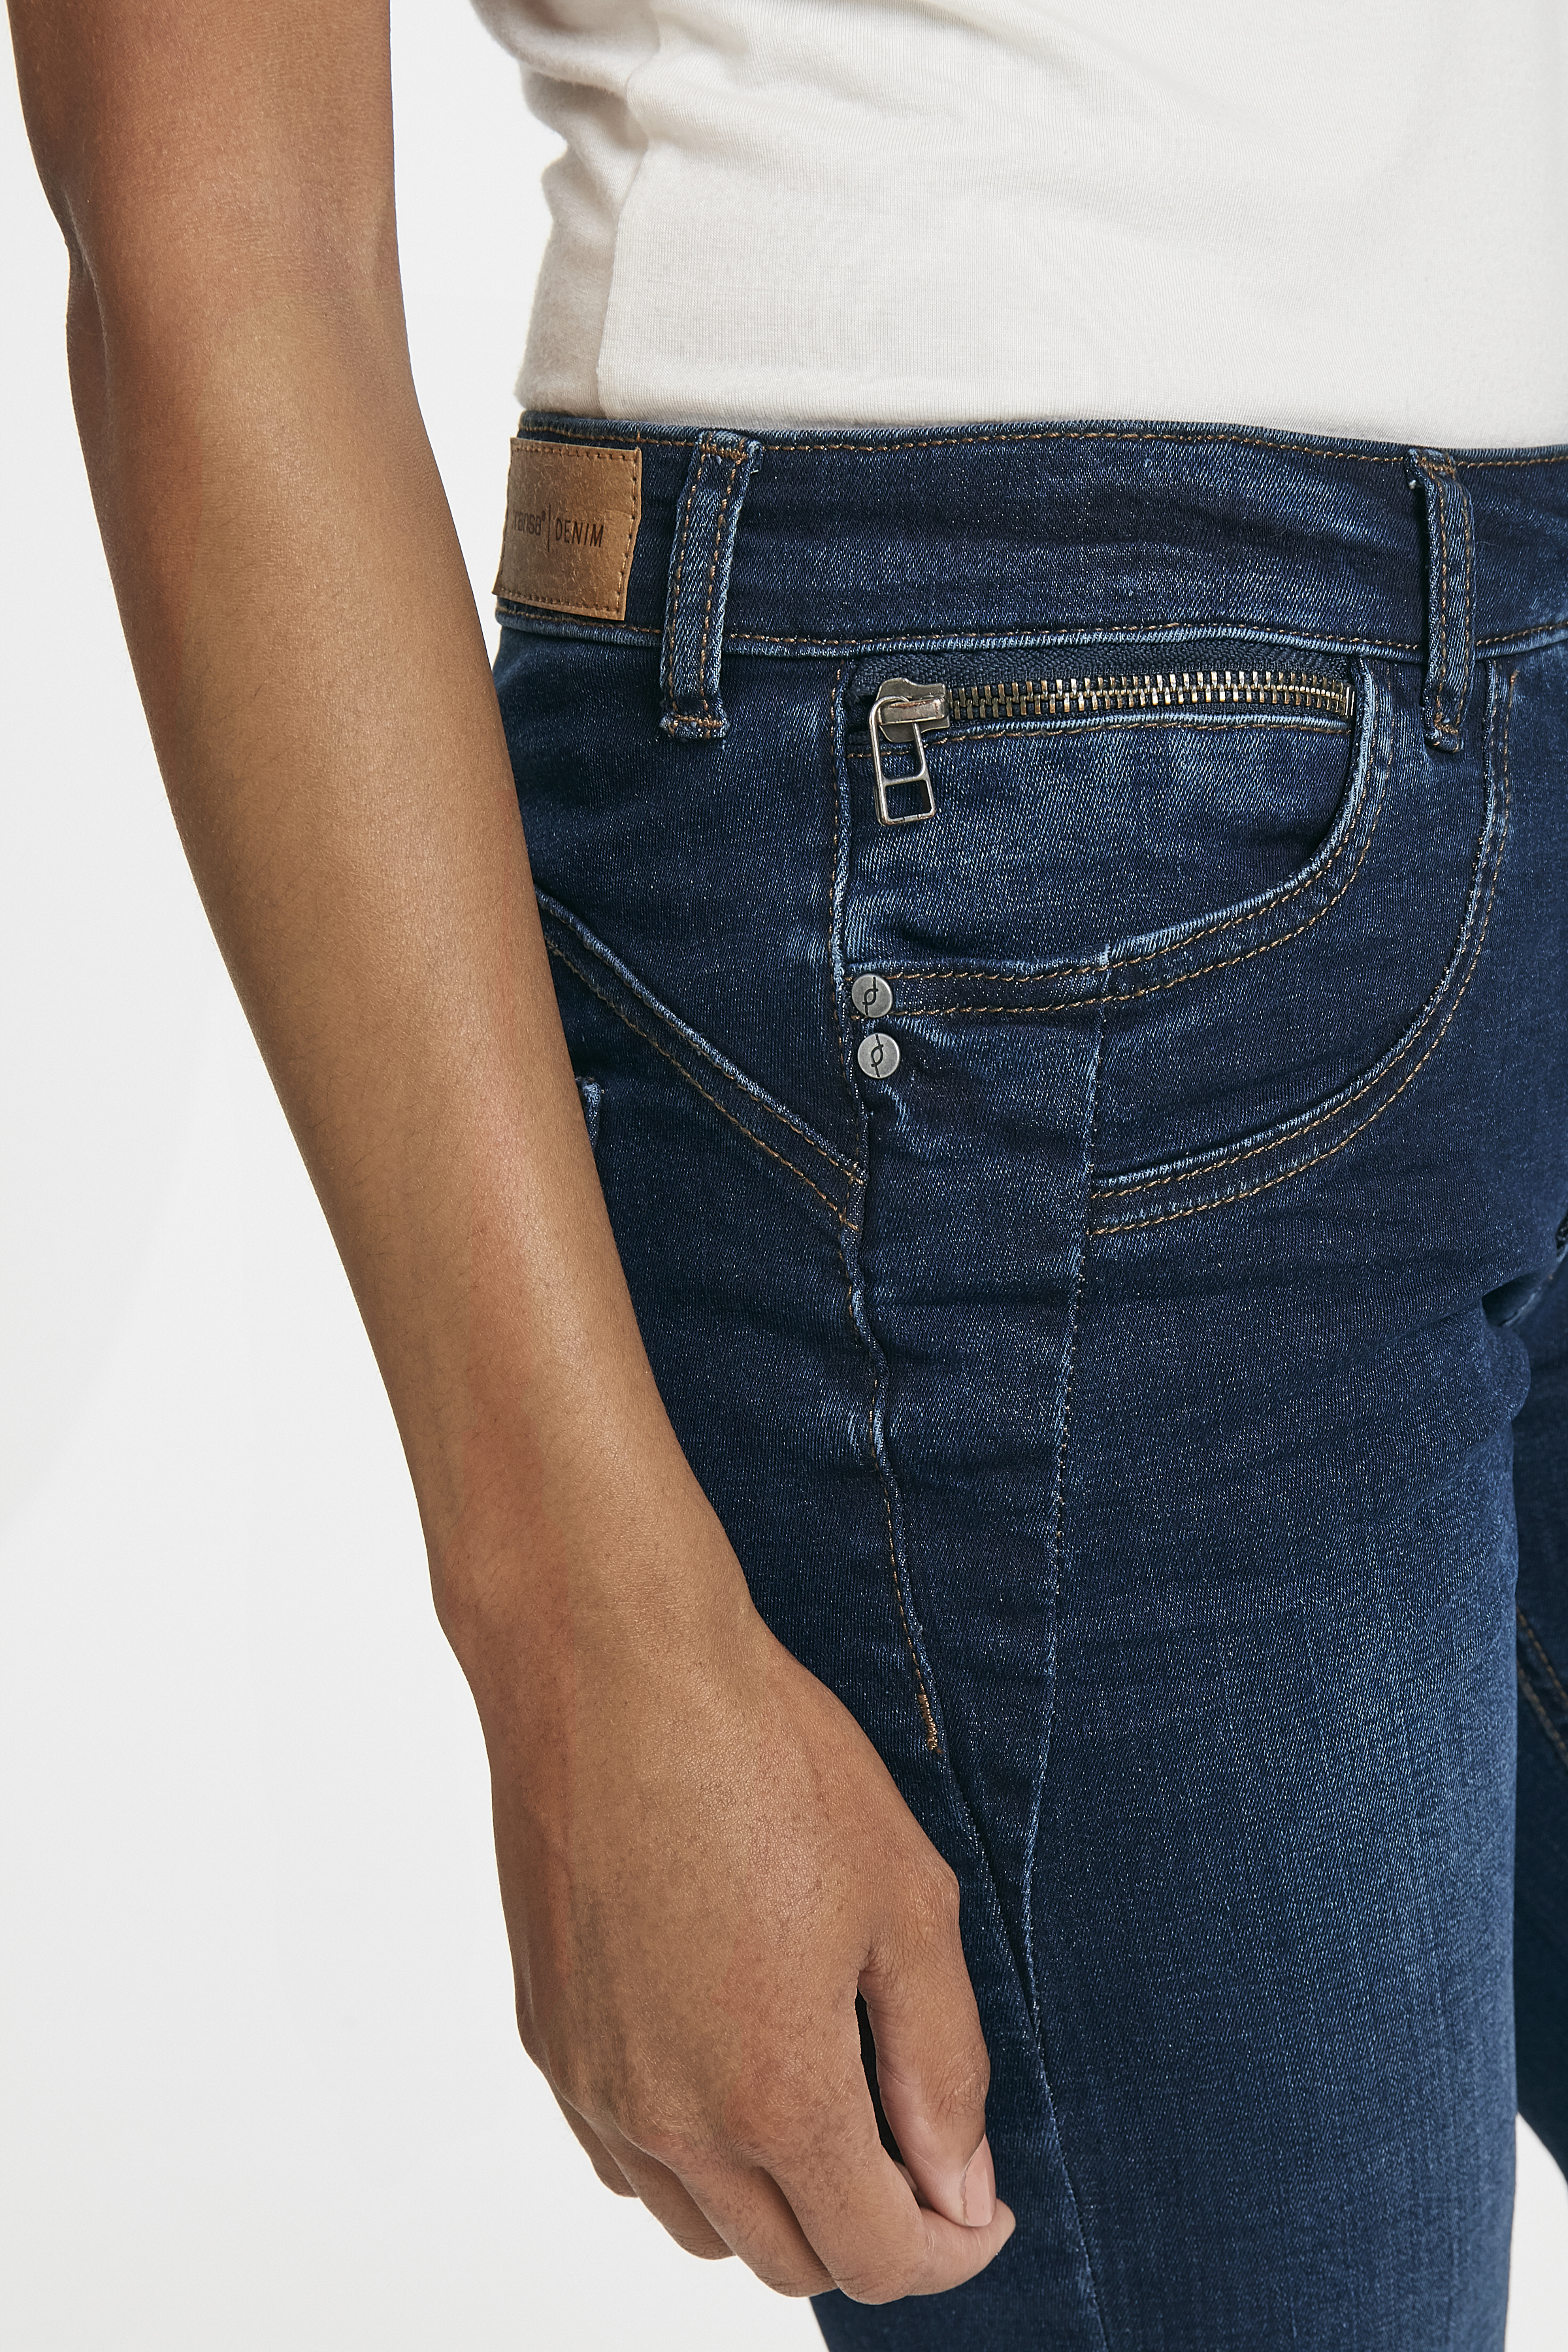 Dunkel denimblau Jeans von Fransa – Shoppen Sie Dunkel denimblau Jeans ab Gr. 34-46 hier